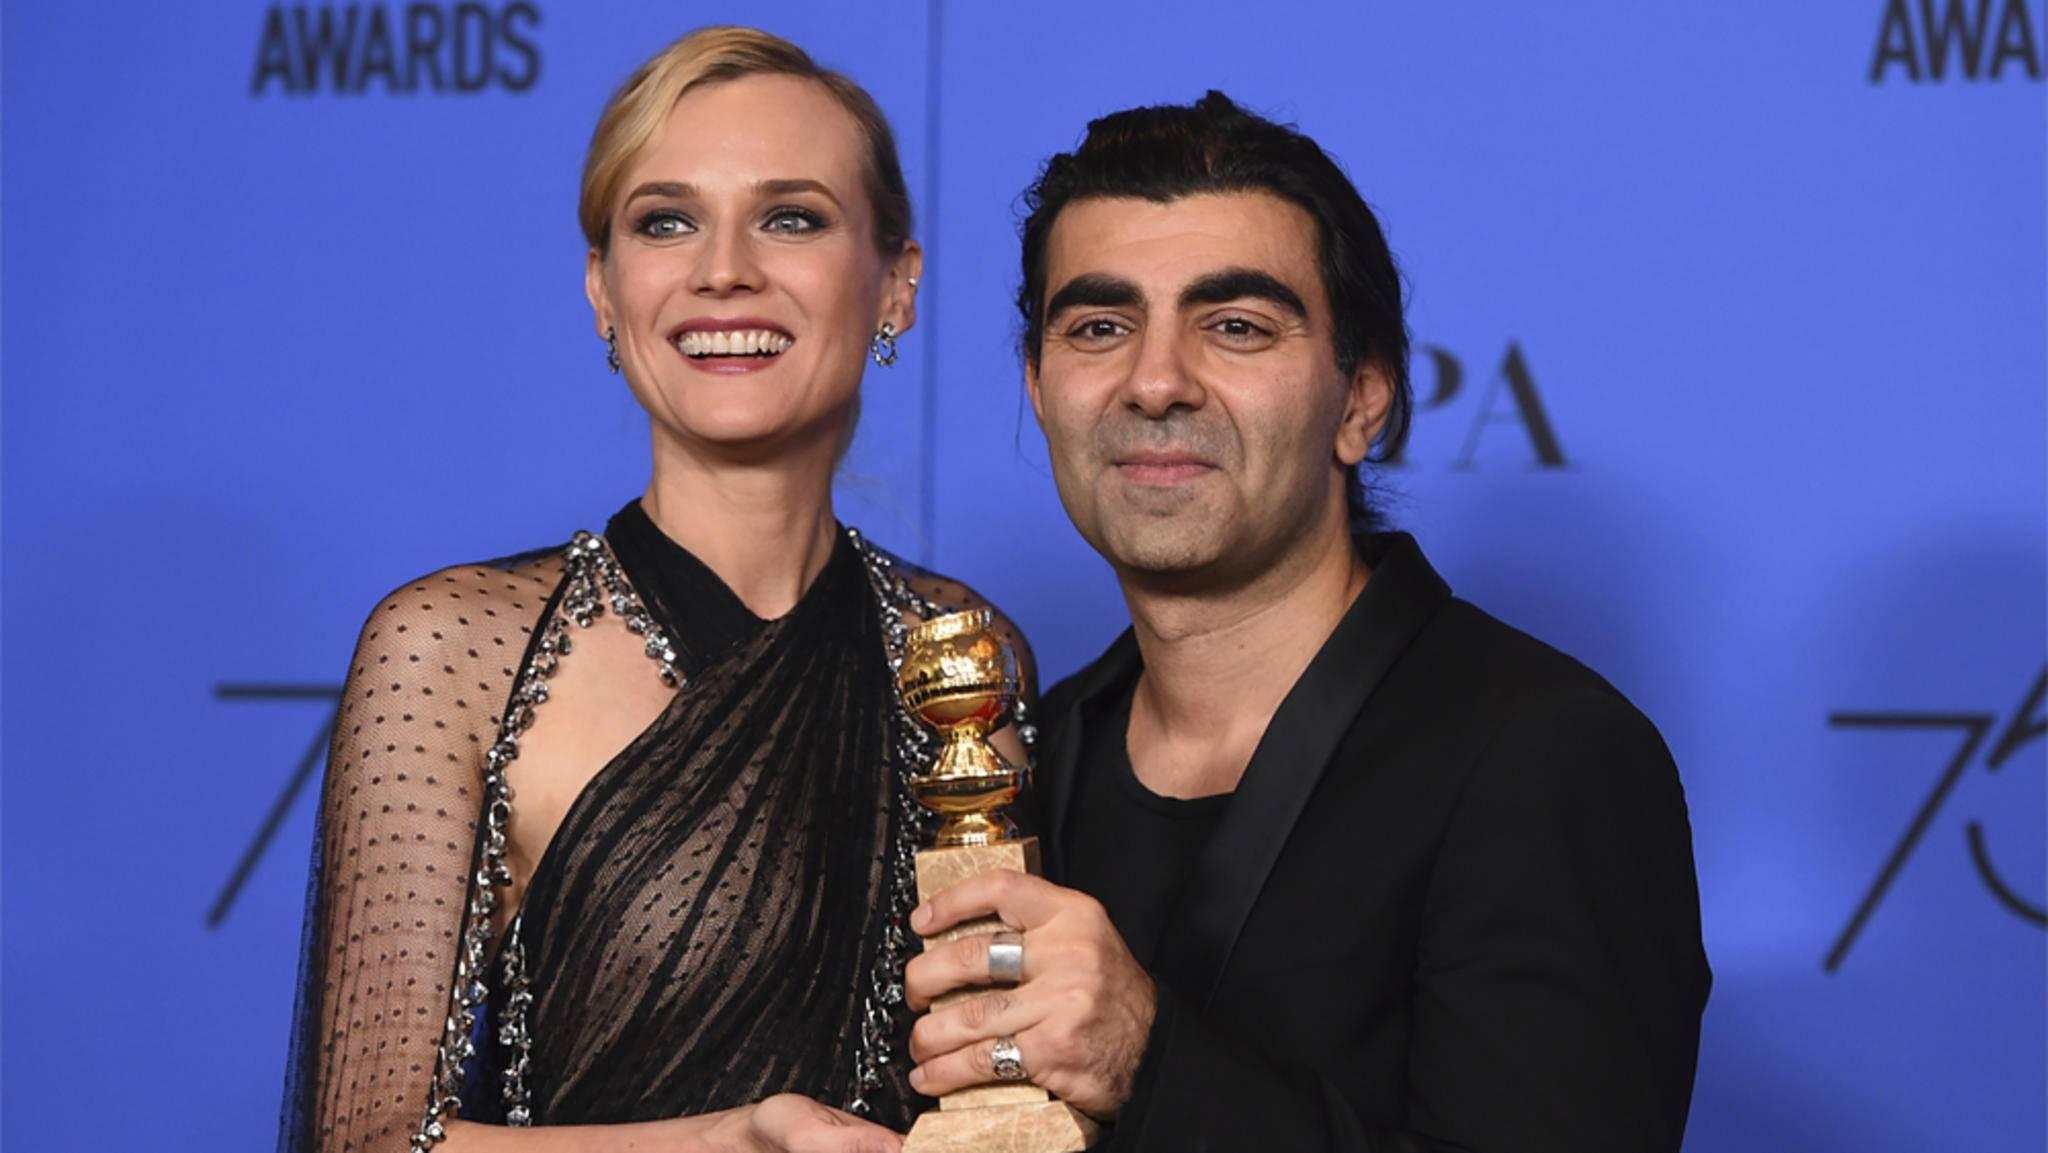 Der Golden Globe für den besten fremdsprachigen Film geht 2018 nach Deutschland.